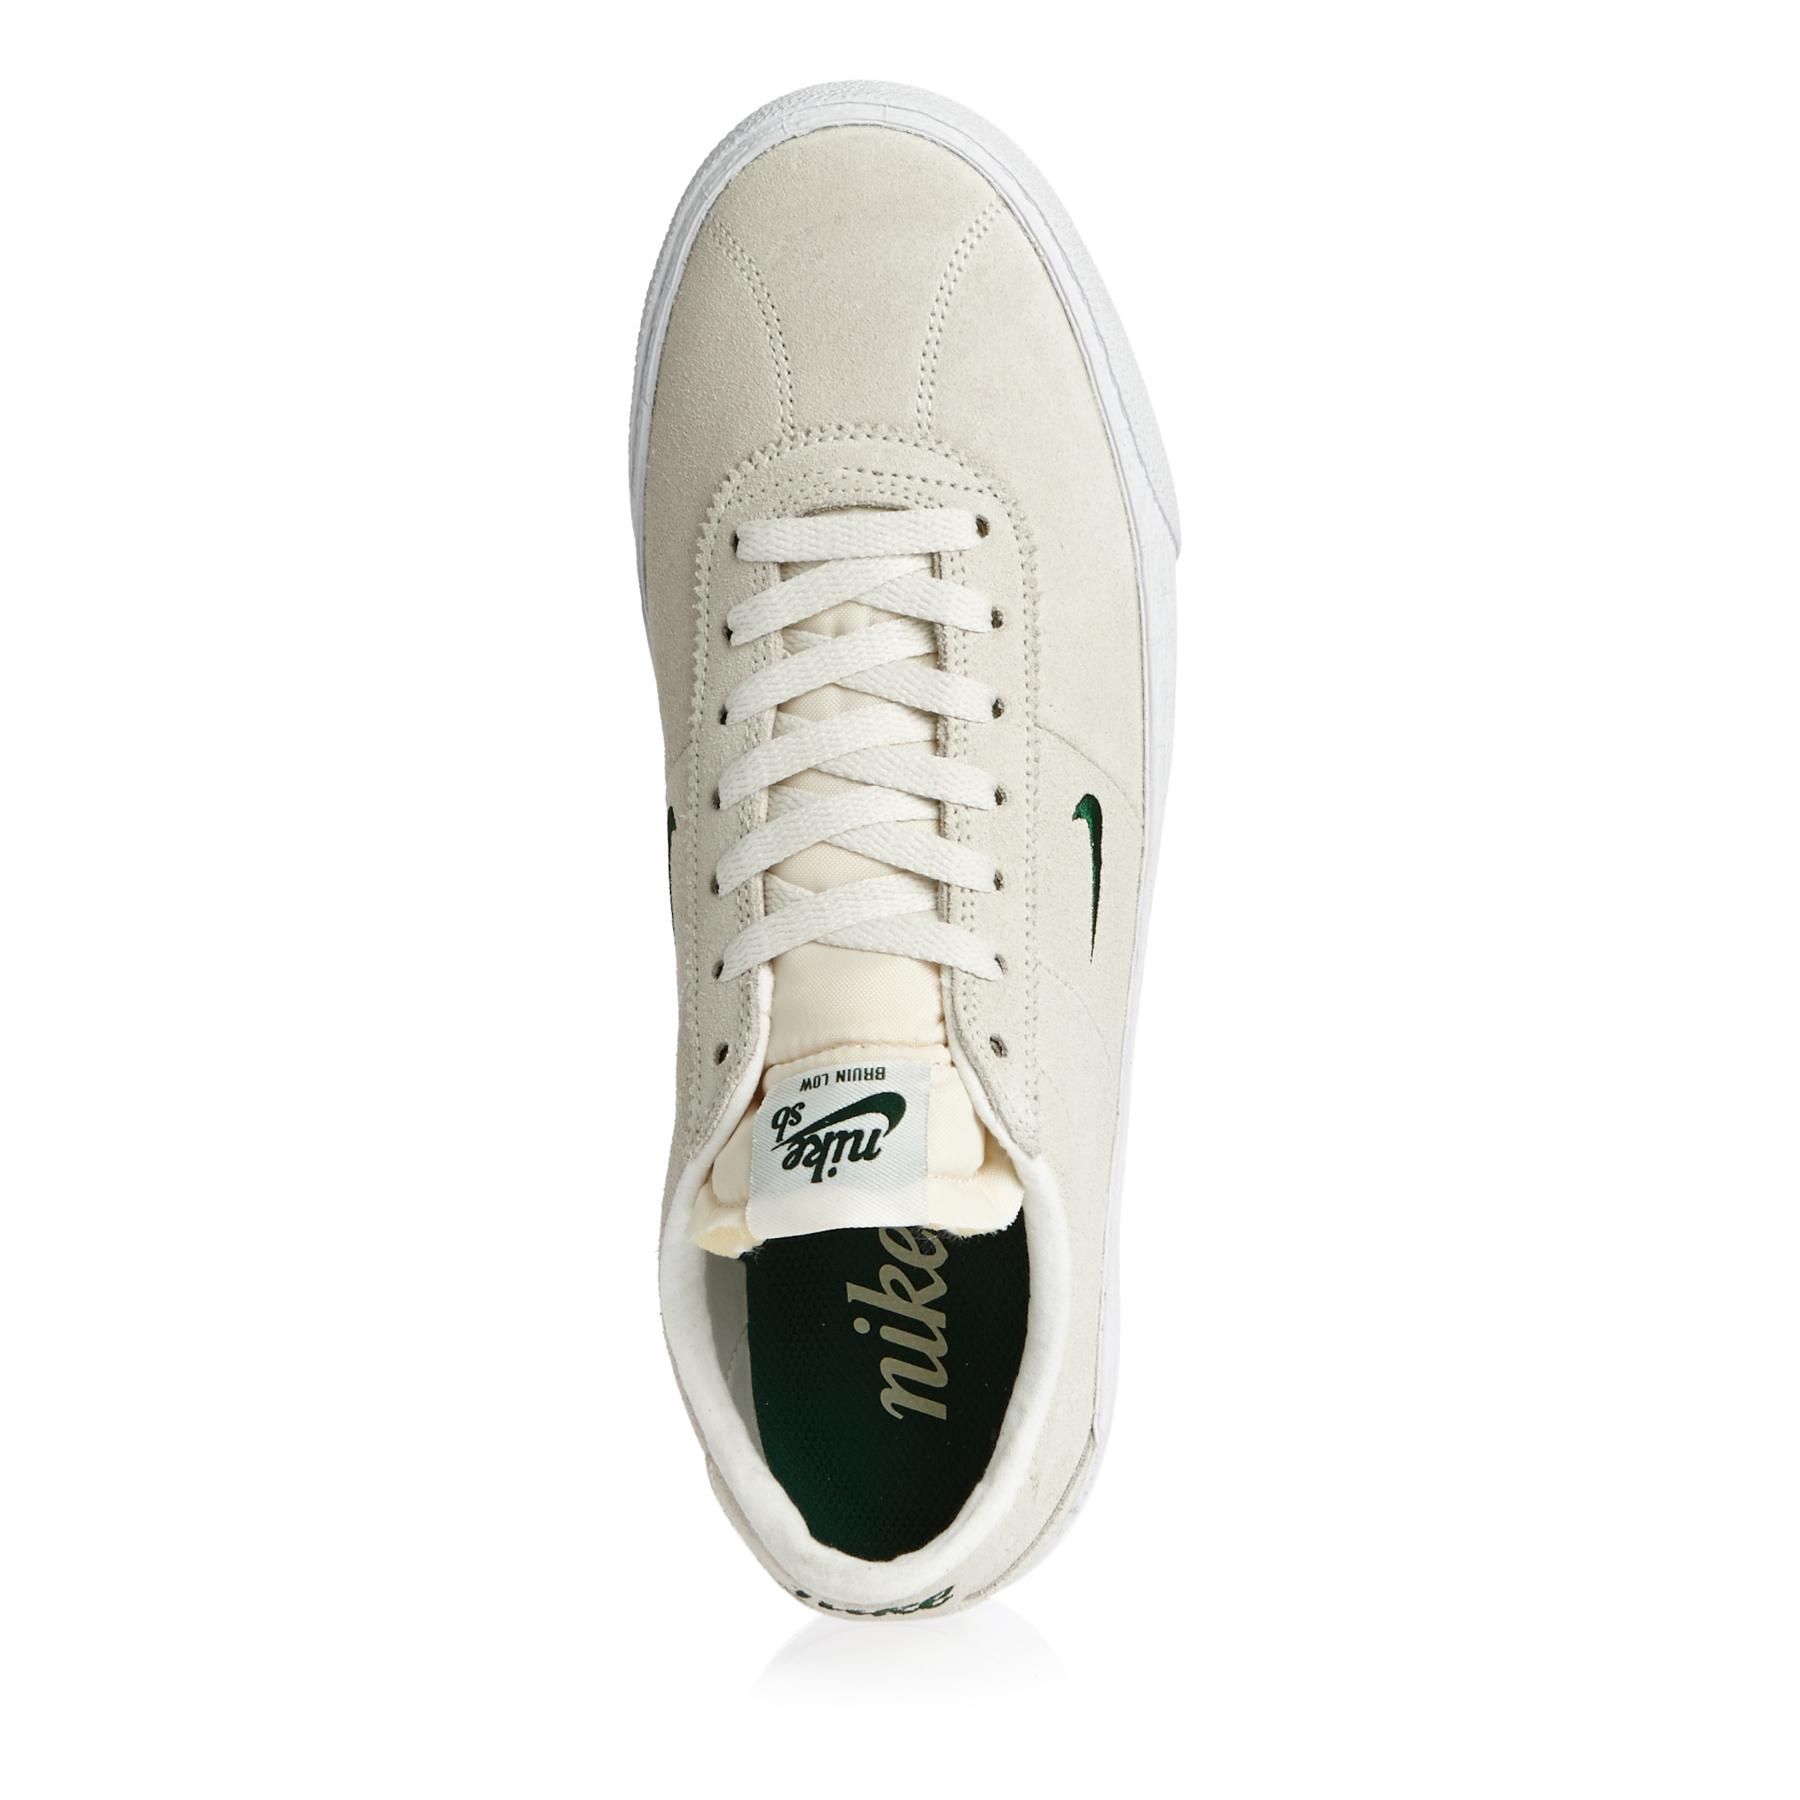 Chaussures Nike SB Zoom Bruin Ultra | Livraison gratuite dès